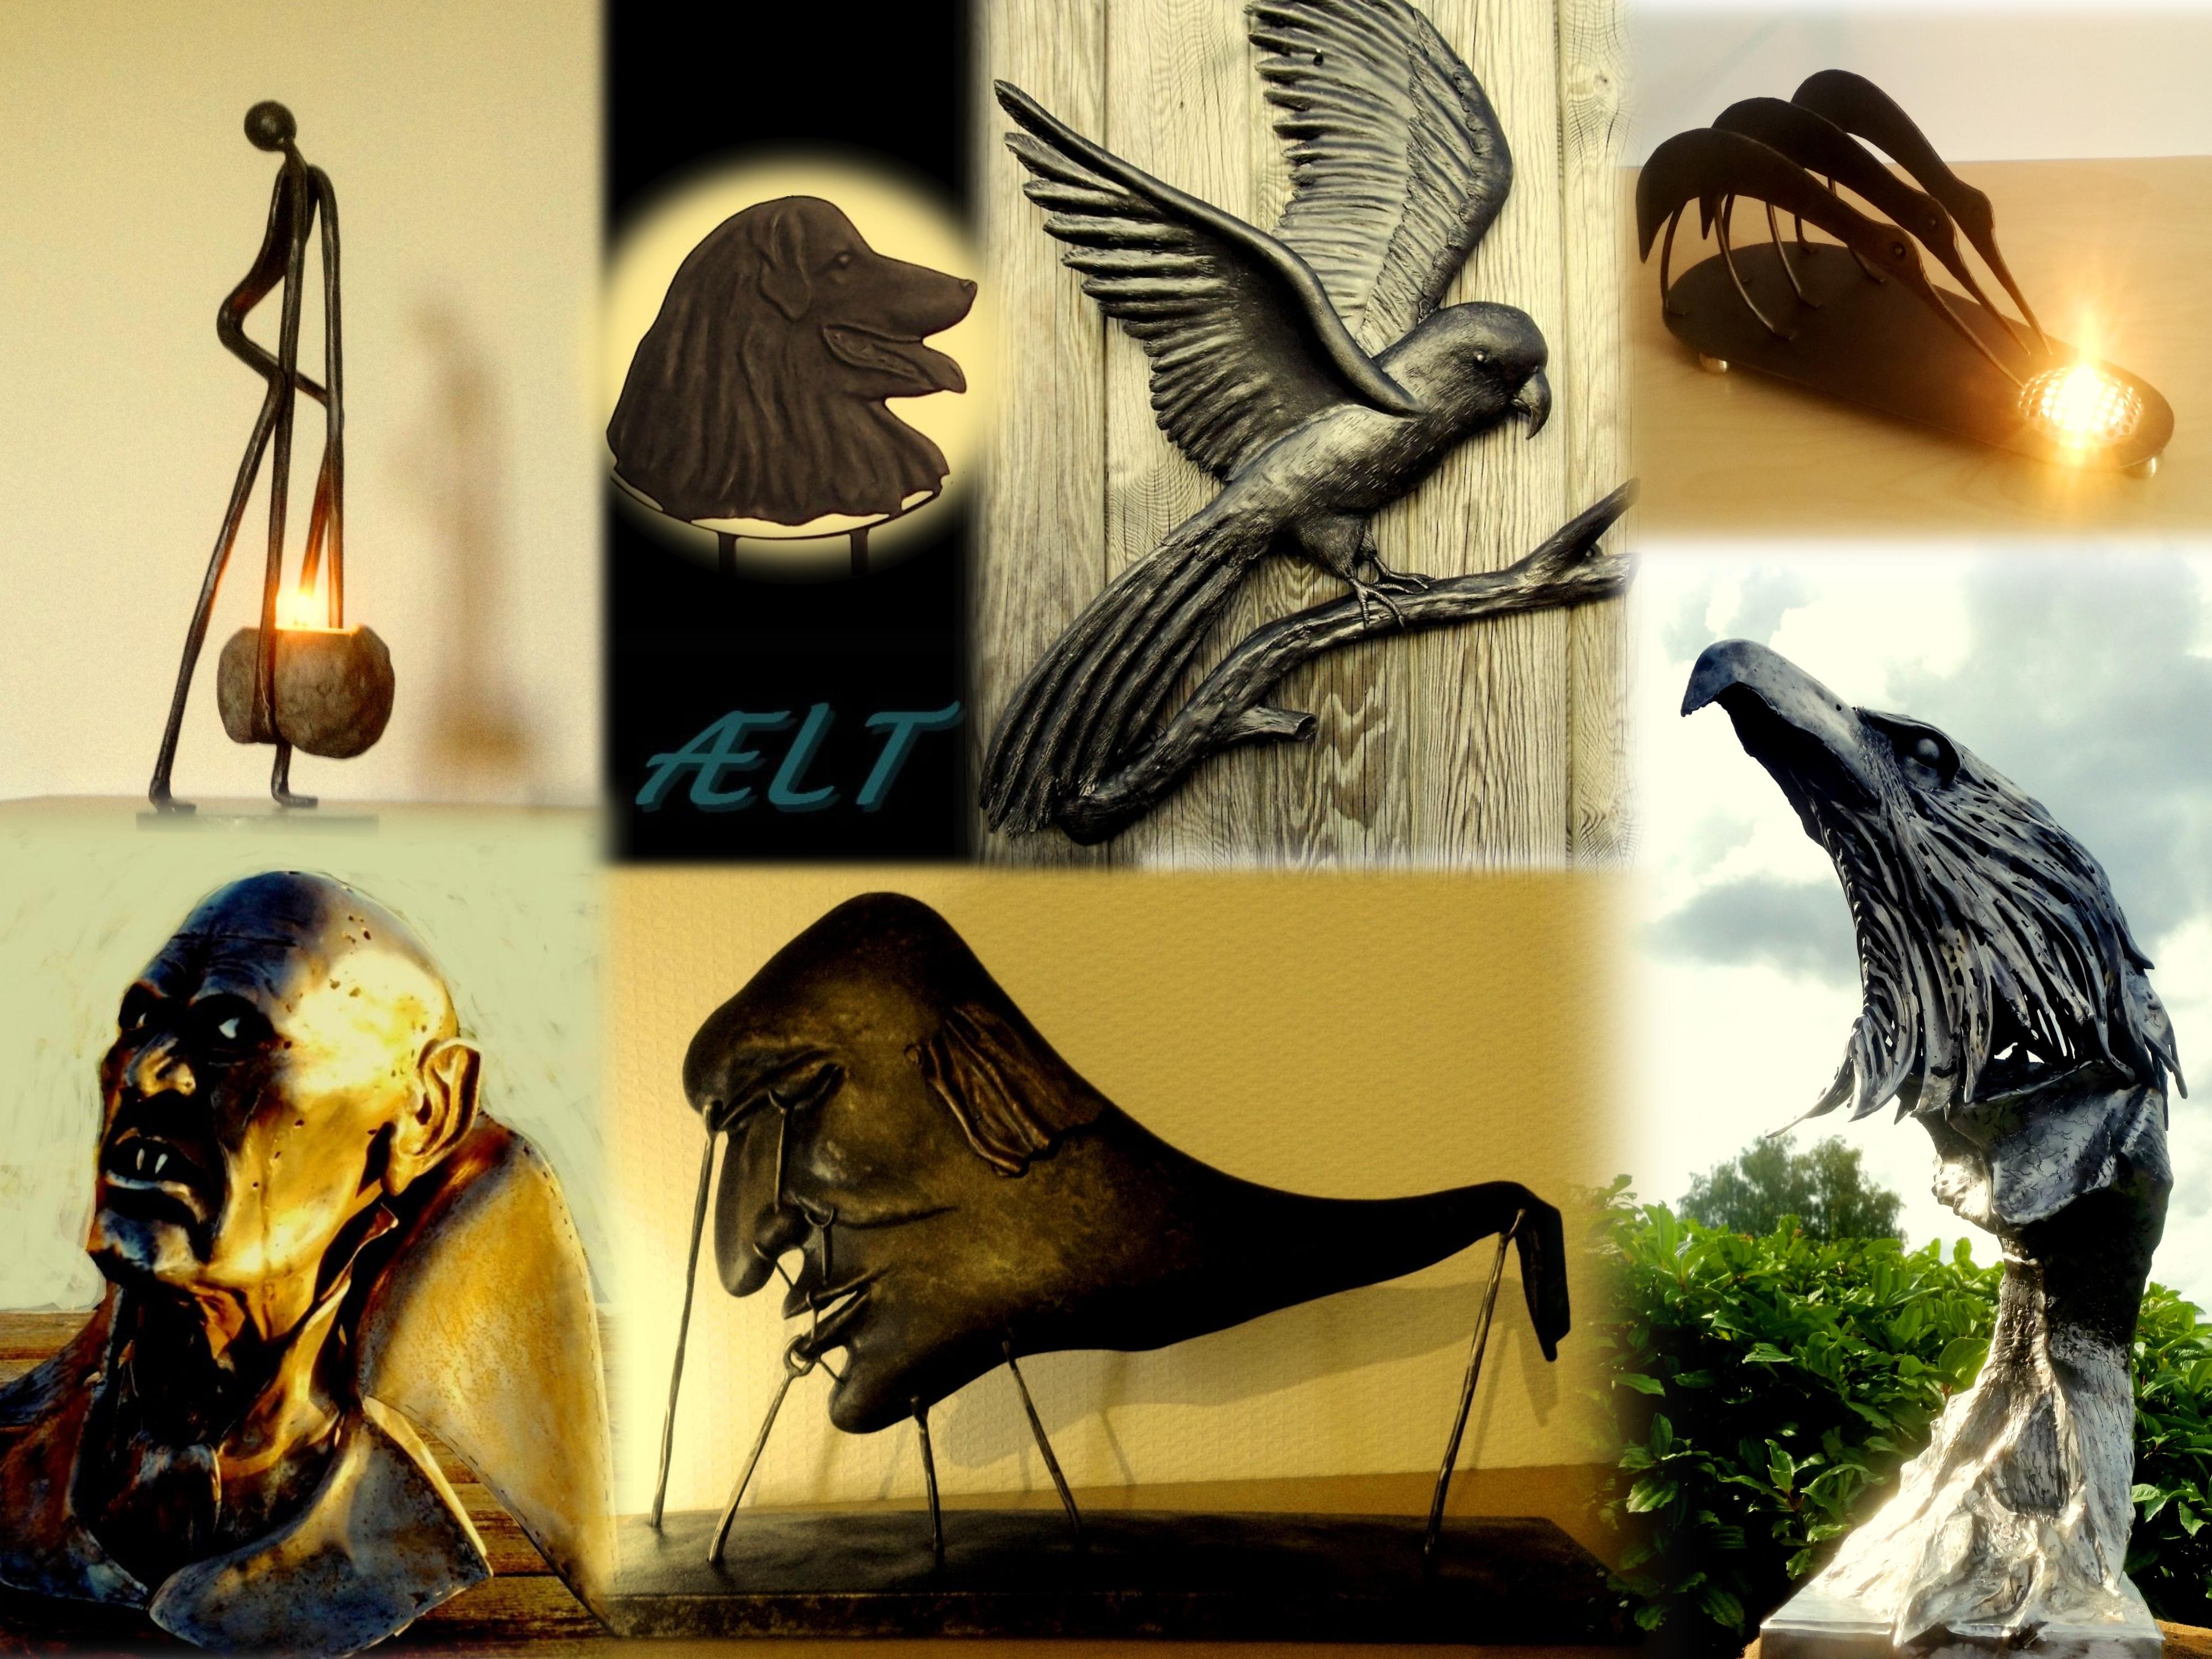 Smeedijzeren sculpturen, tuinbeelden, wandsculpturen, kunstwerken